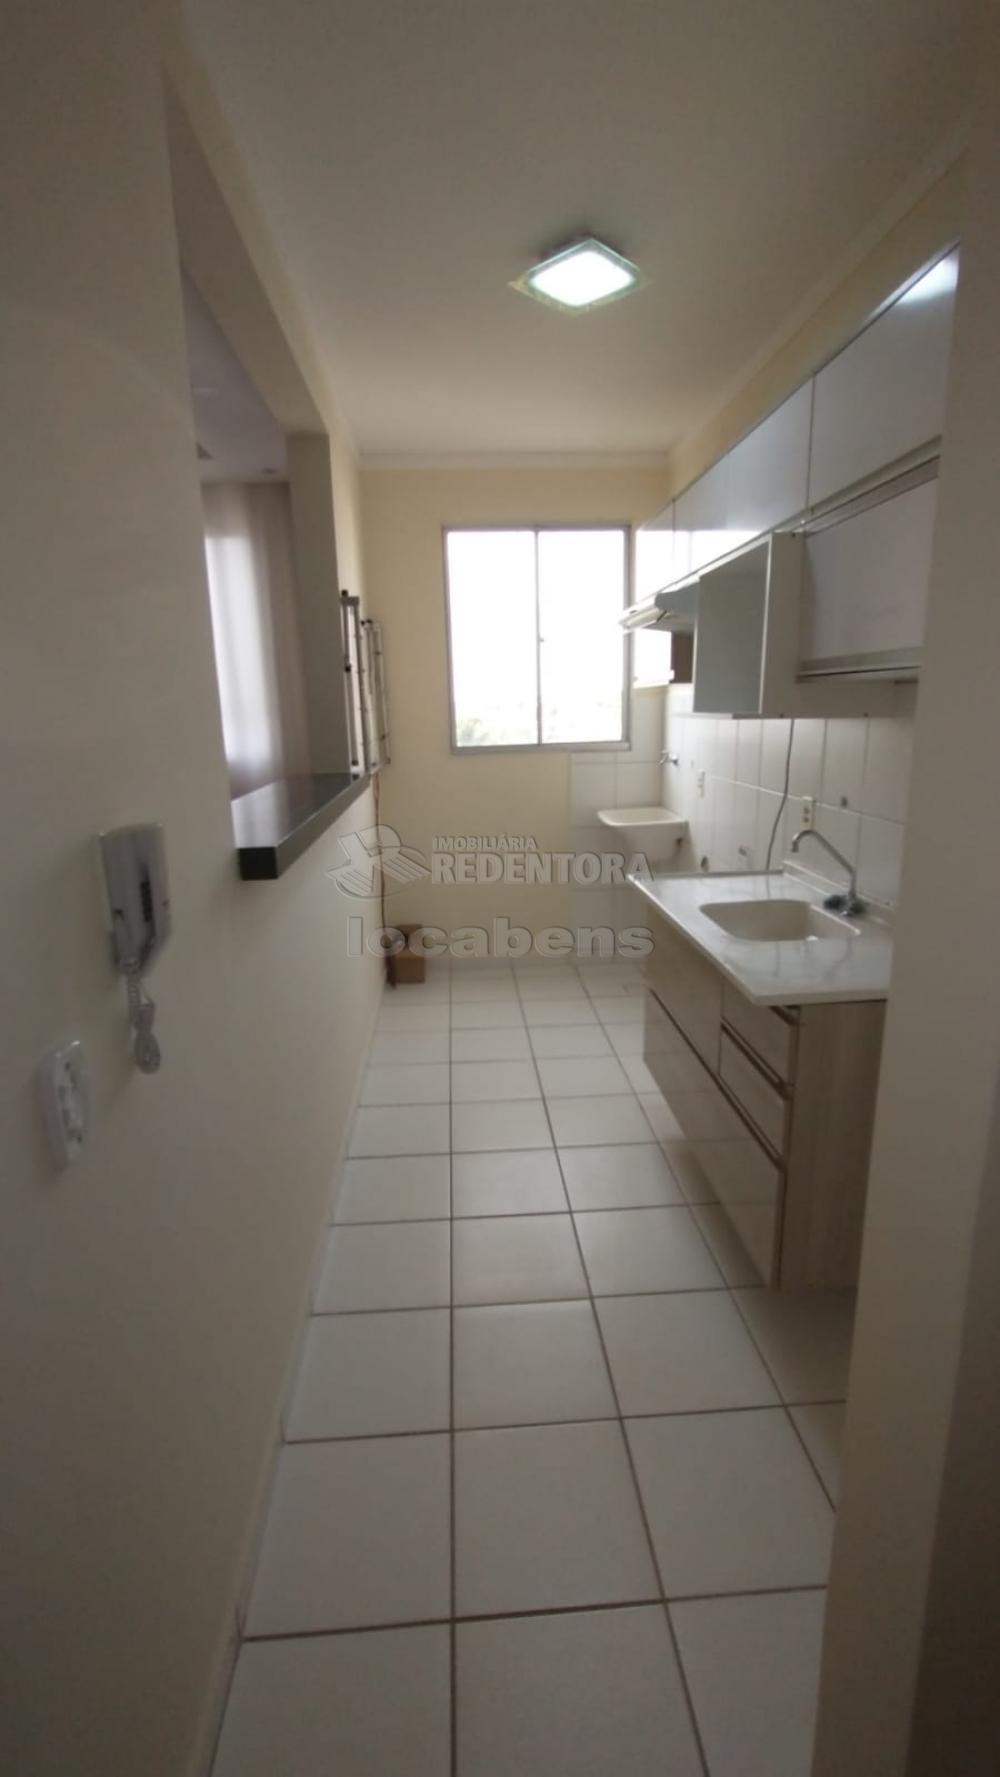 Alugar Apartamento / Padrão em São José do Rio Preto apenas R$ 795,00 - Foto 14